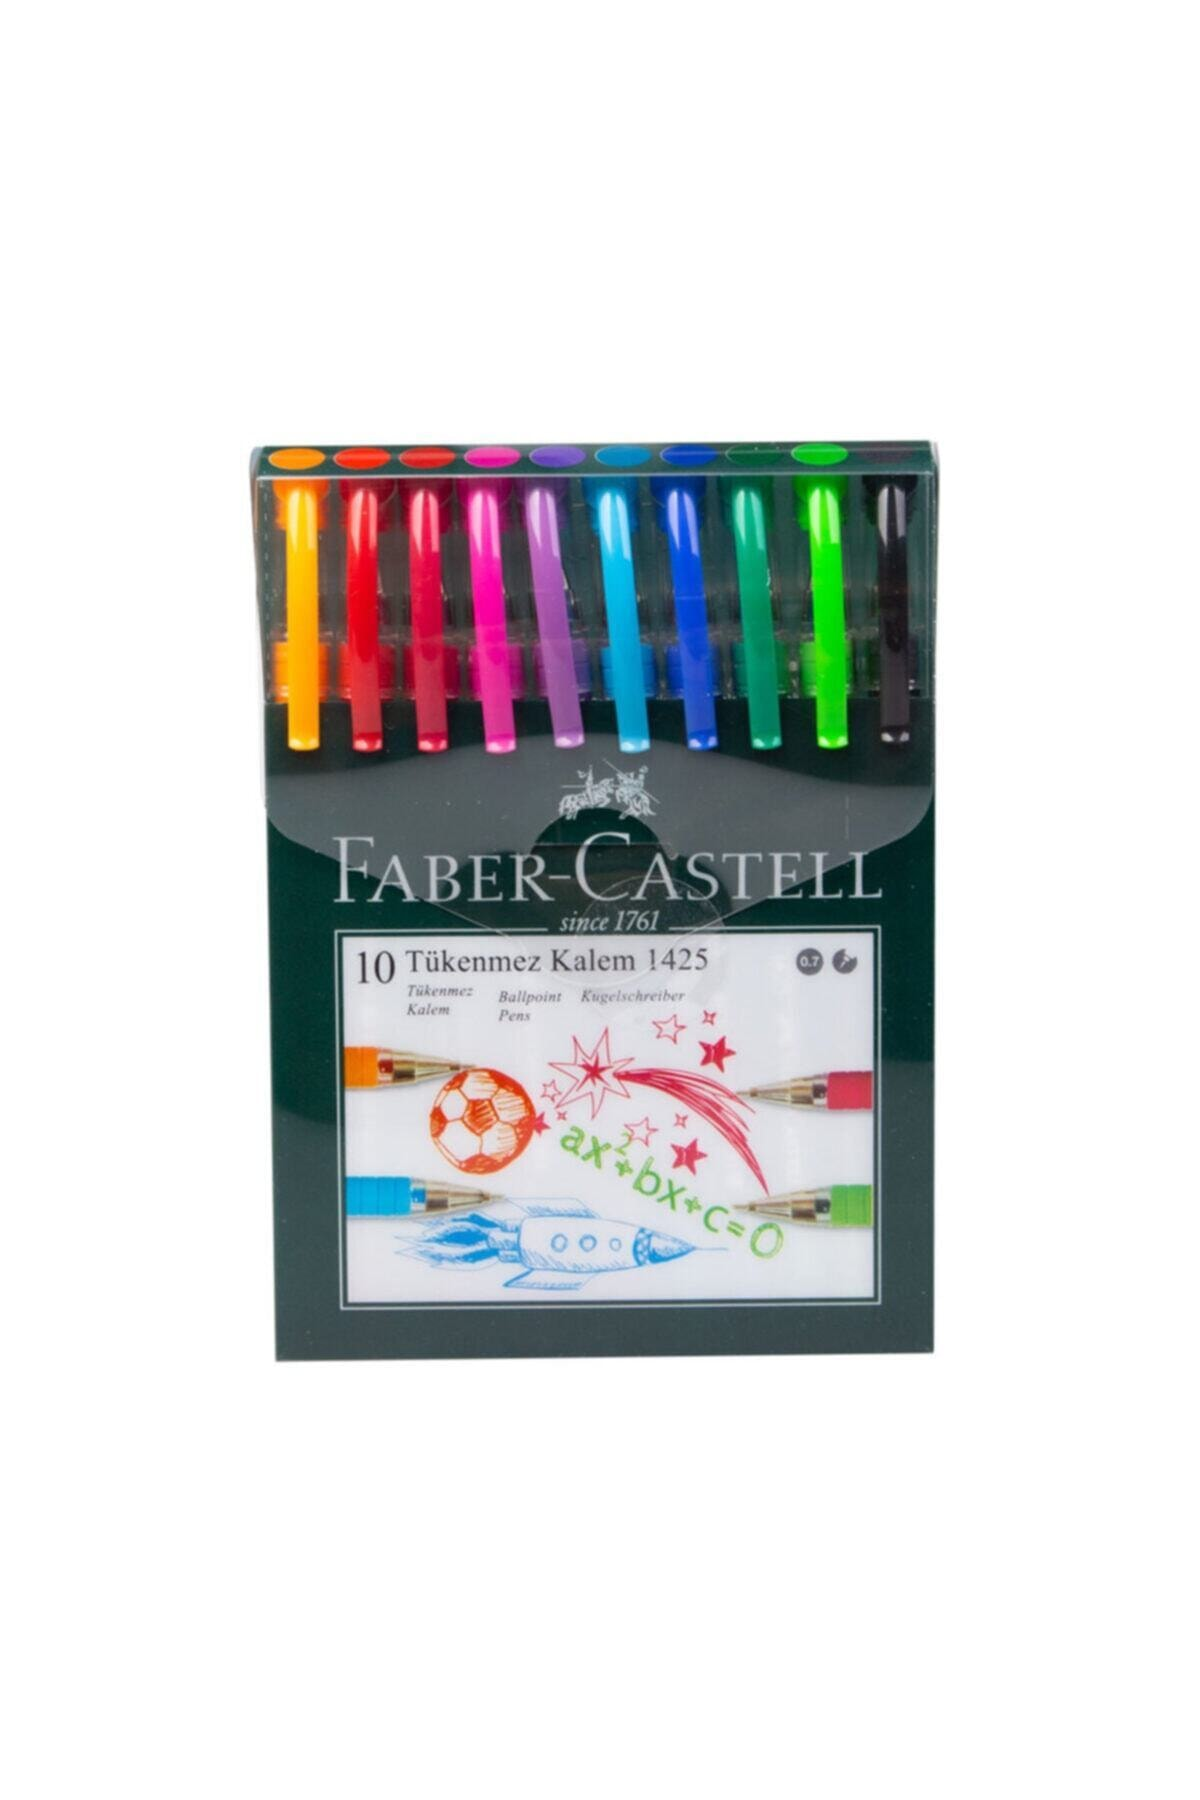 Faber Castell Iğne Uçlu Tükenmez Kalem Seti 10 Renk 0.7mm 1